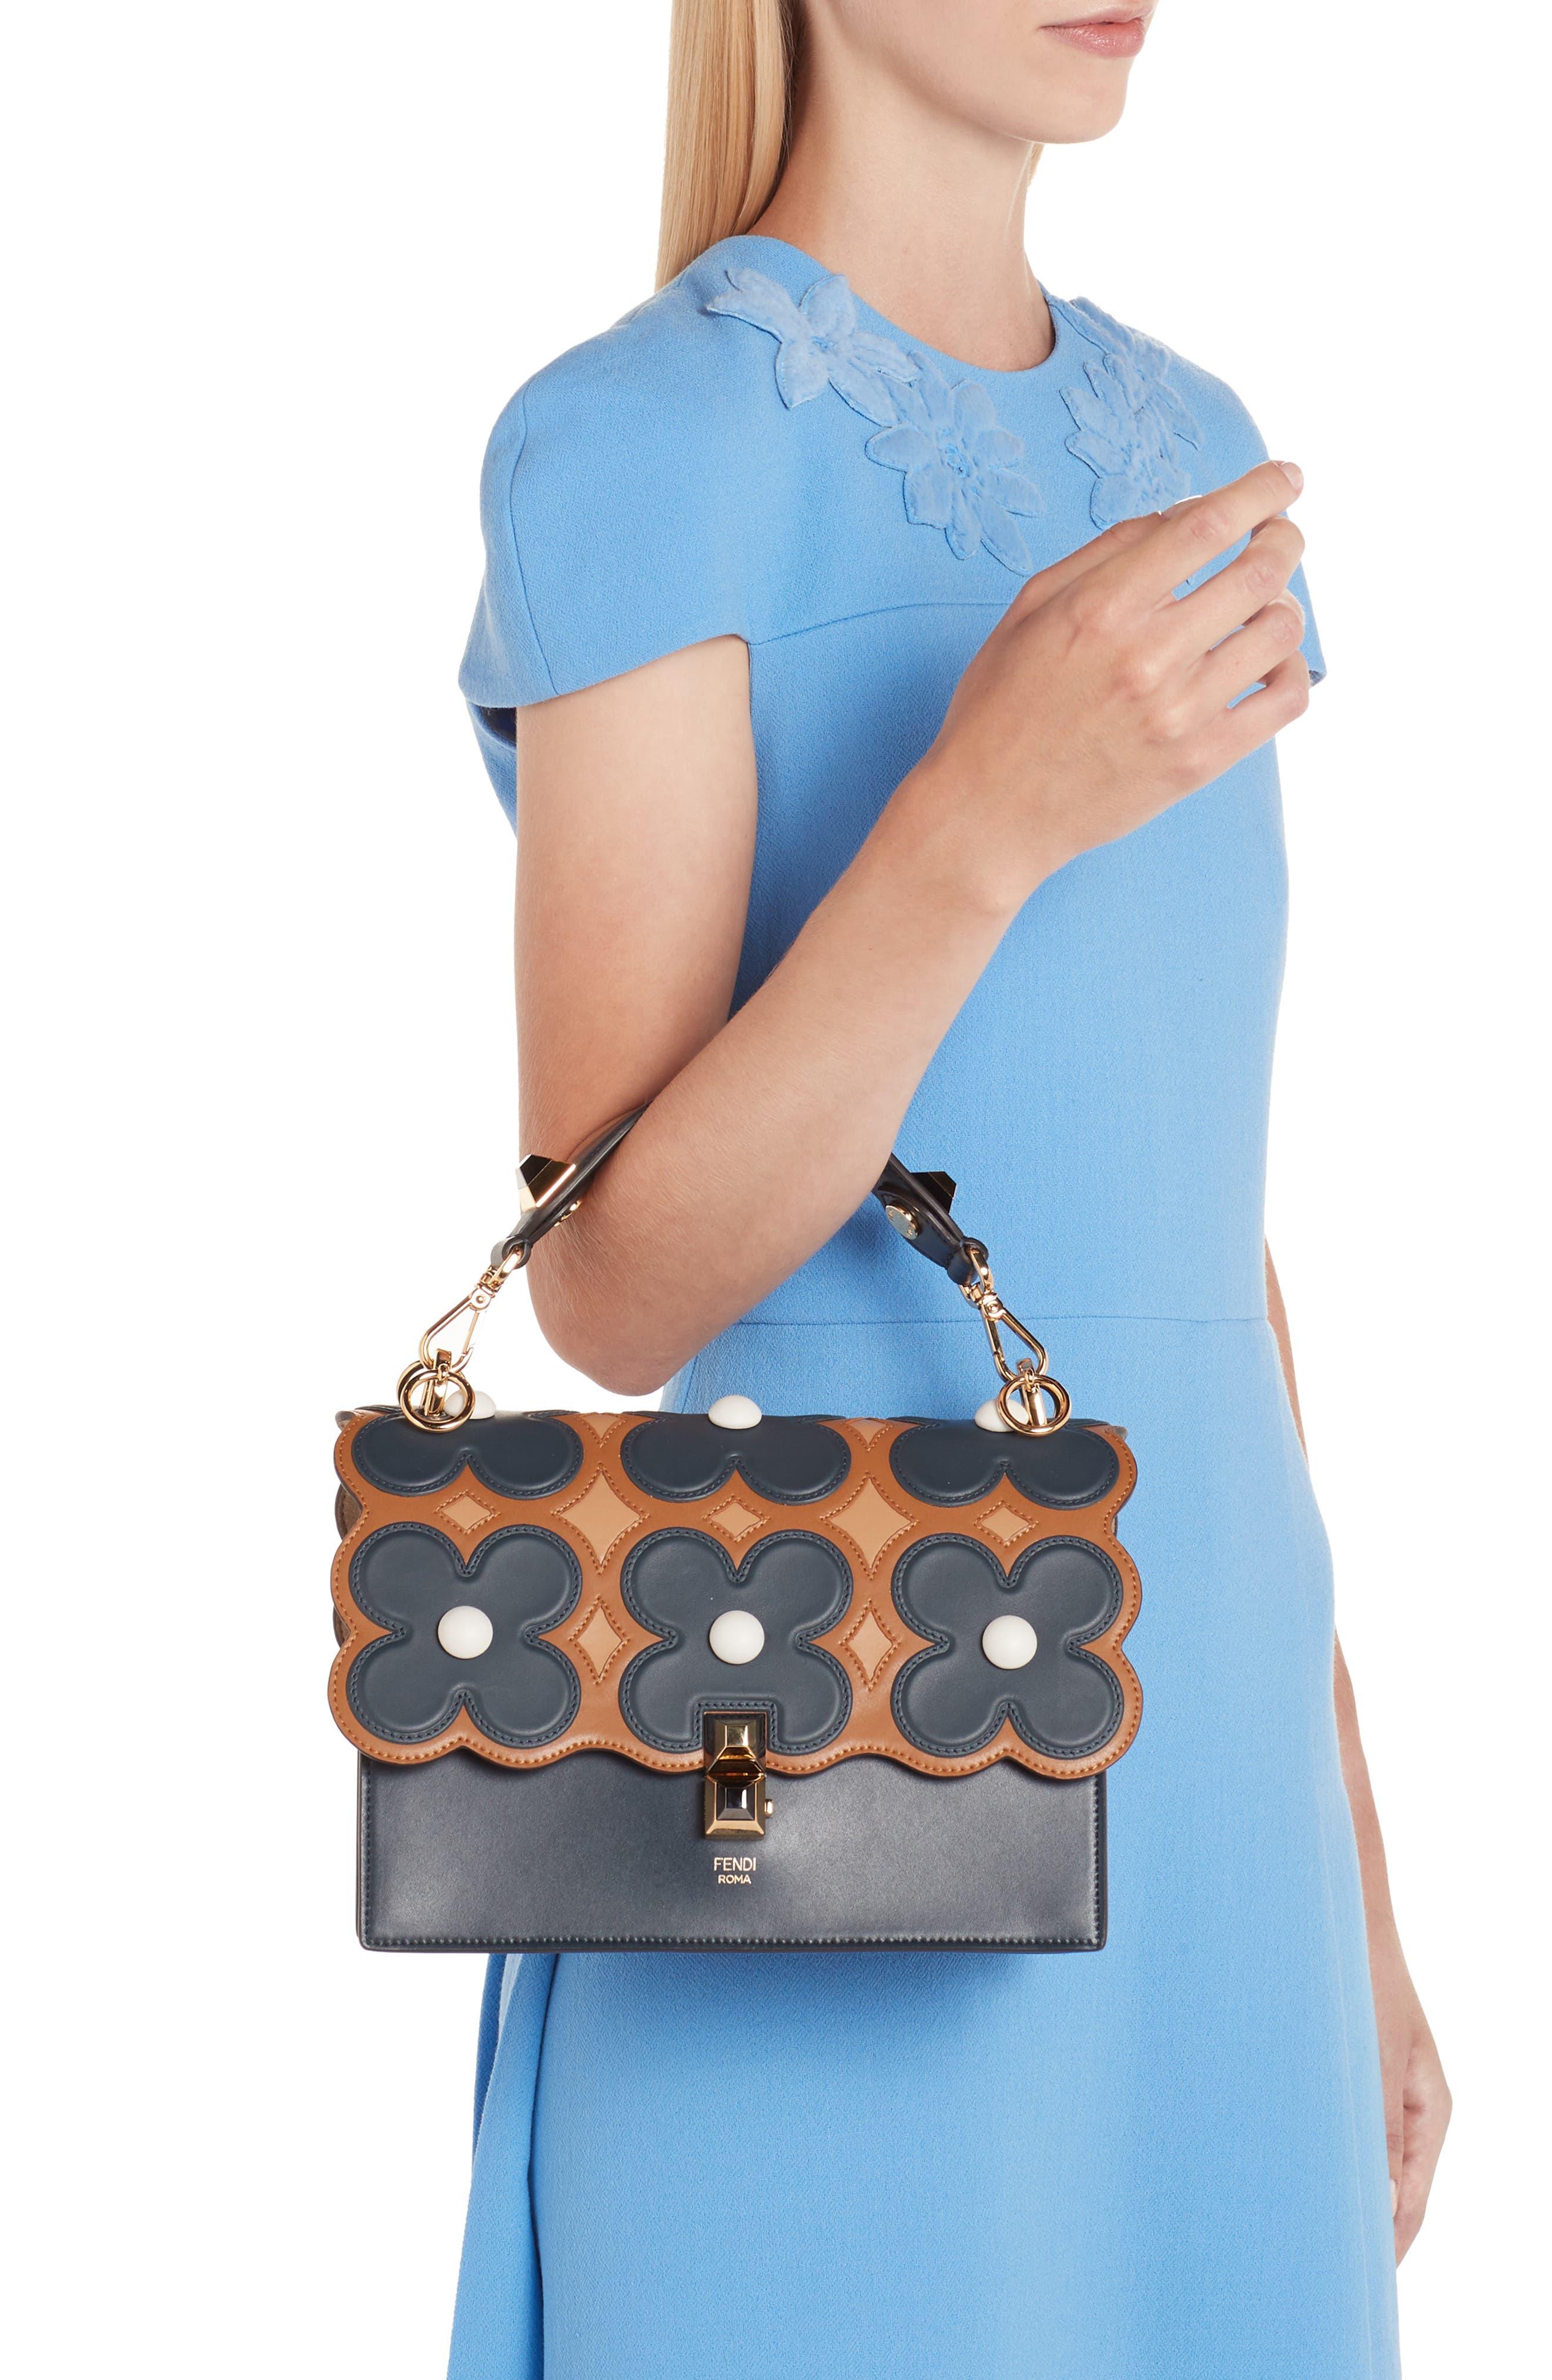 FENDI,                             Kan I Liberty Flower Leather Shoulder Bag,                             Alternate thumbnail 2, color,                             NOTTURNO